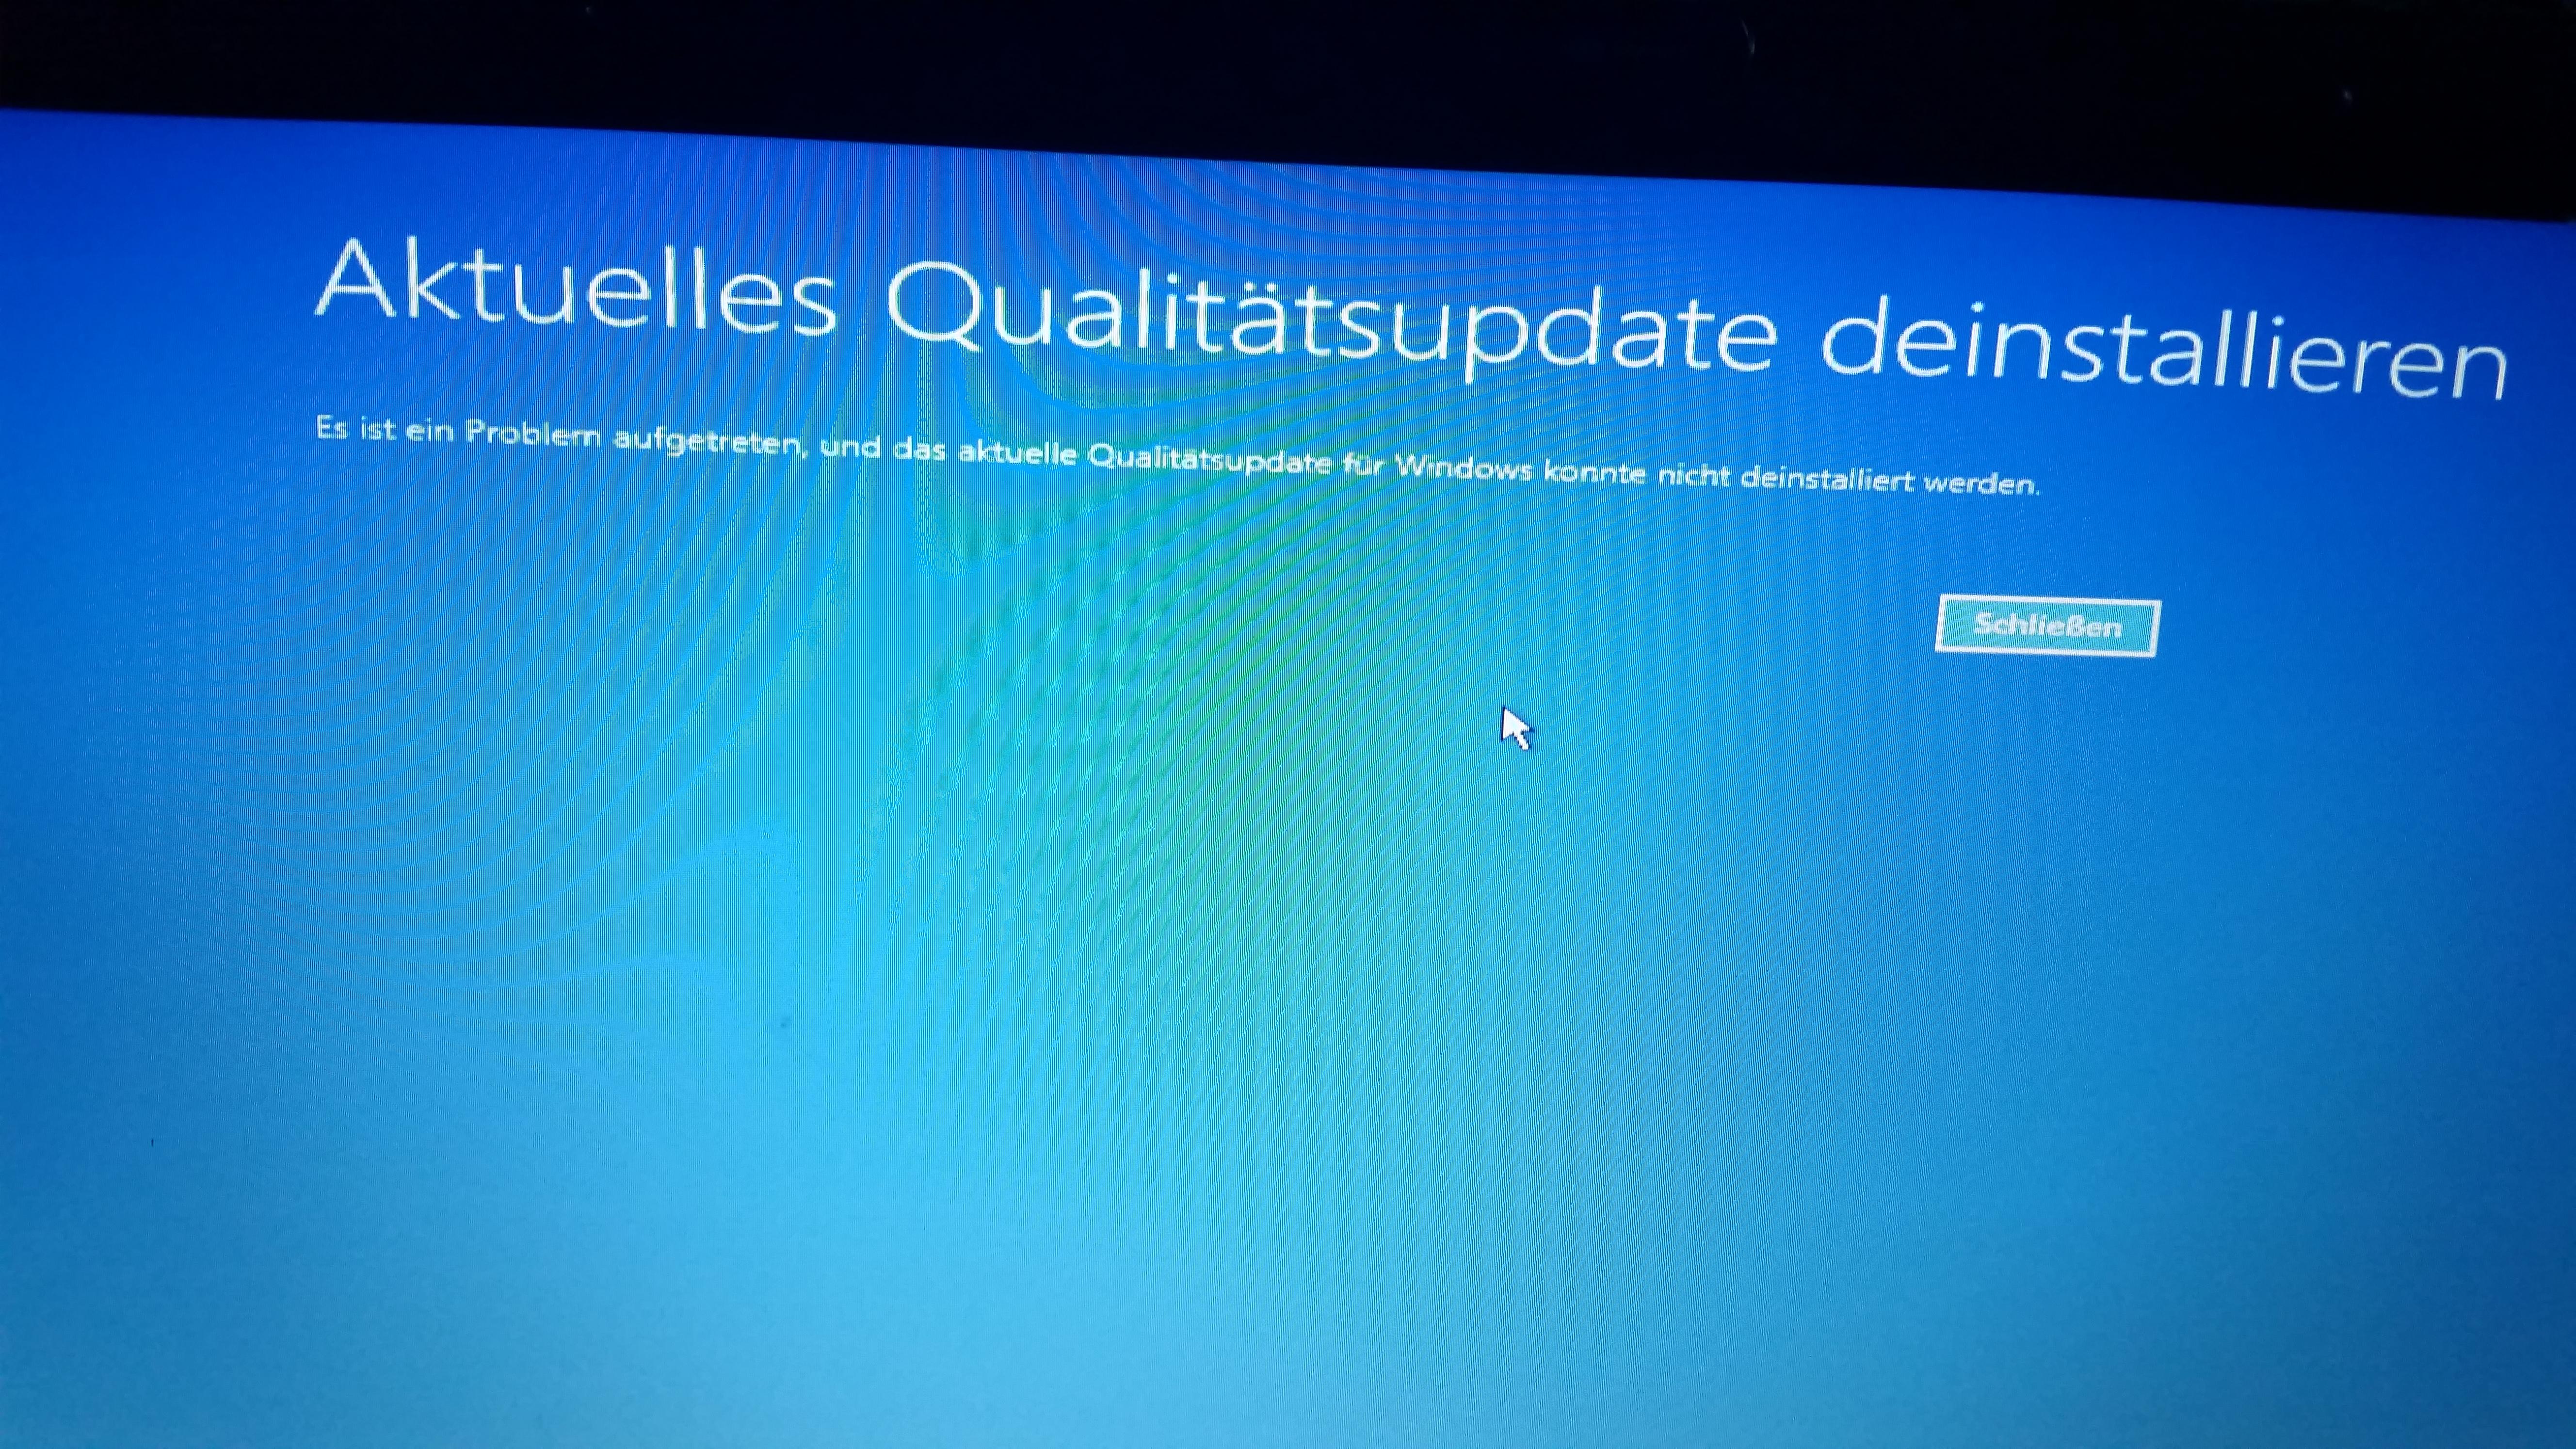 Windows 10 kann nach Update nicht gestartet werden.